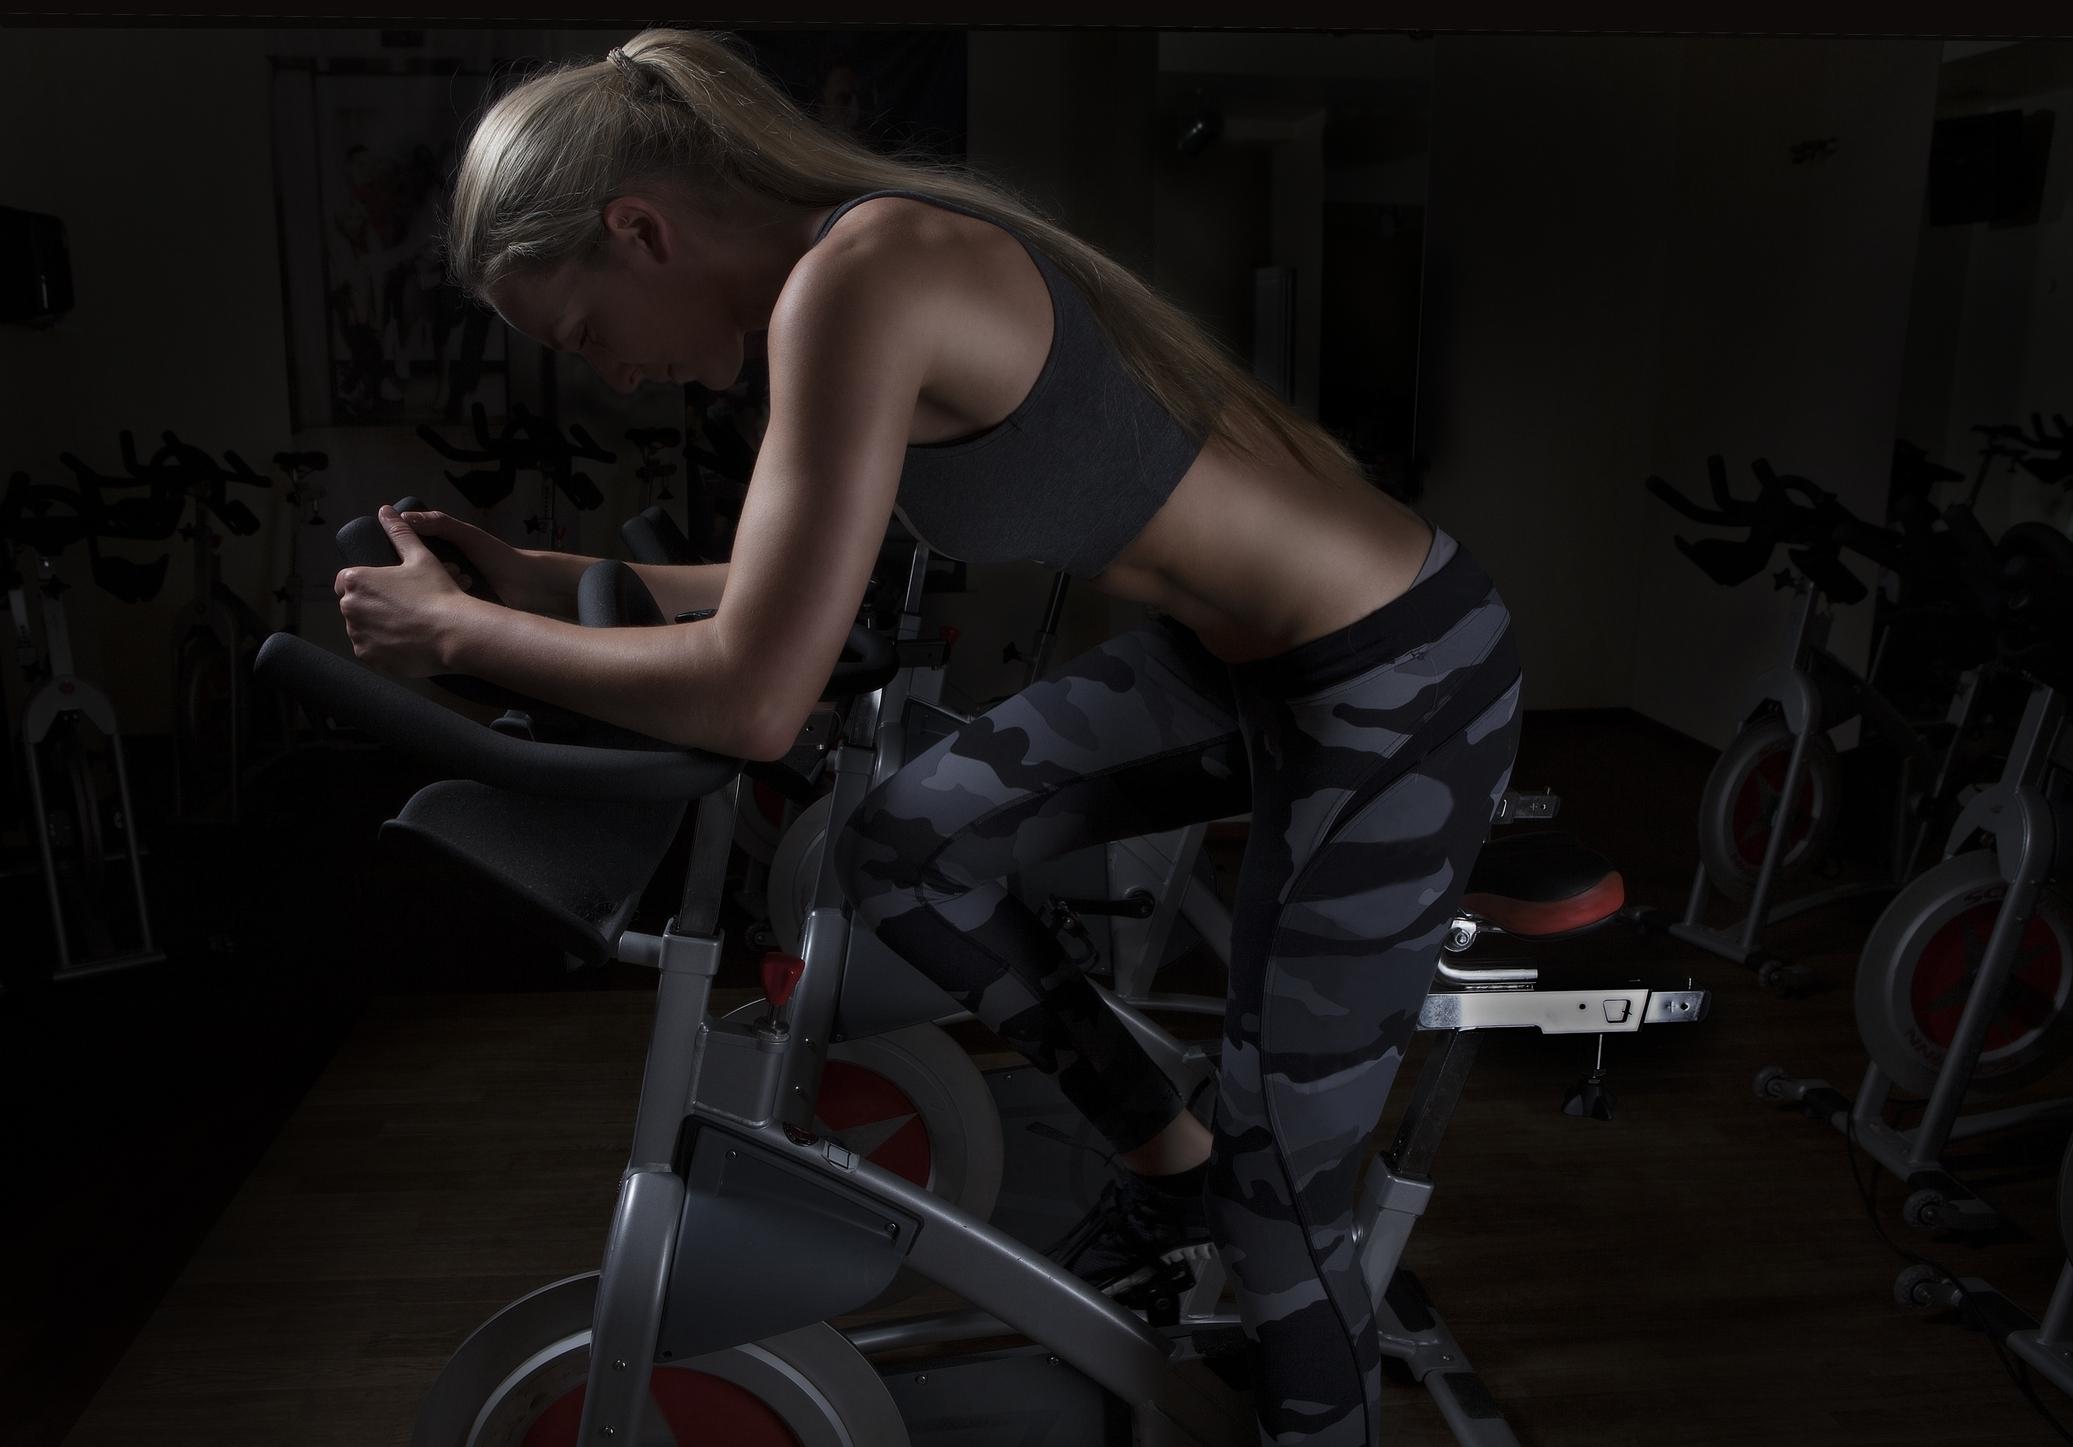 Cykling som motionsform